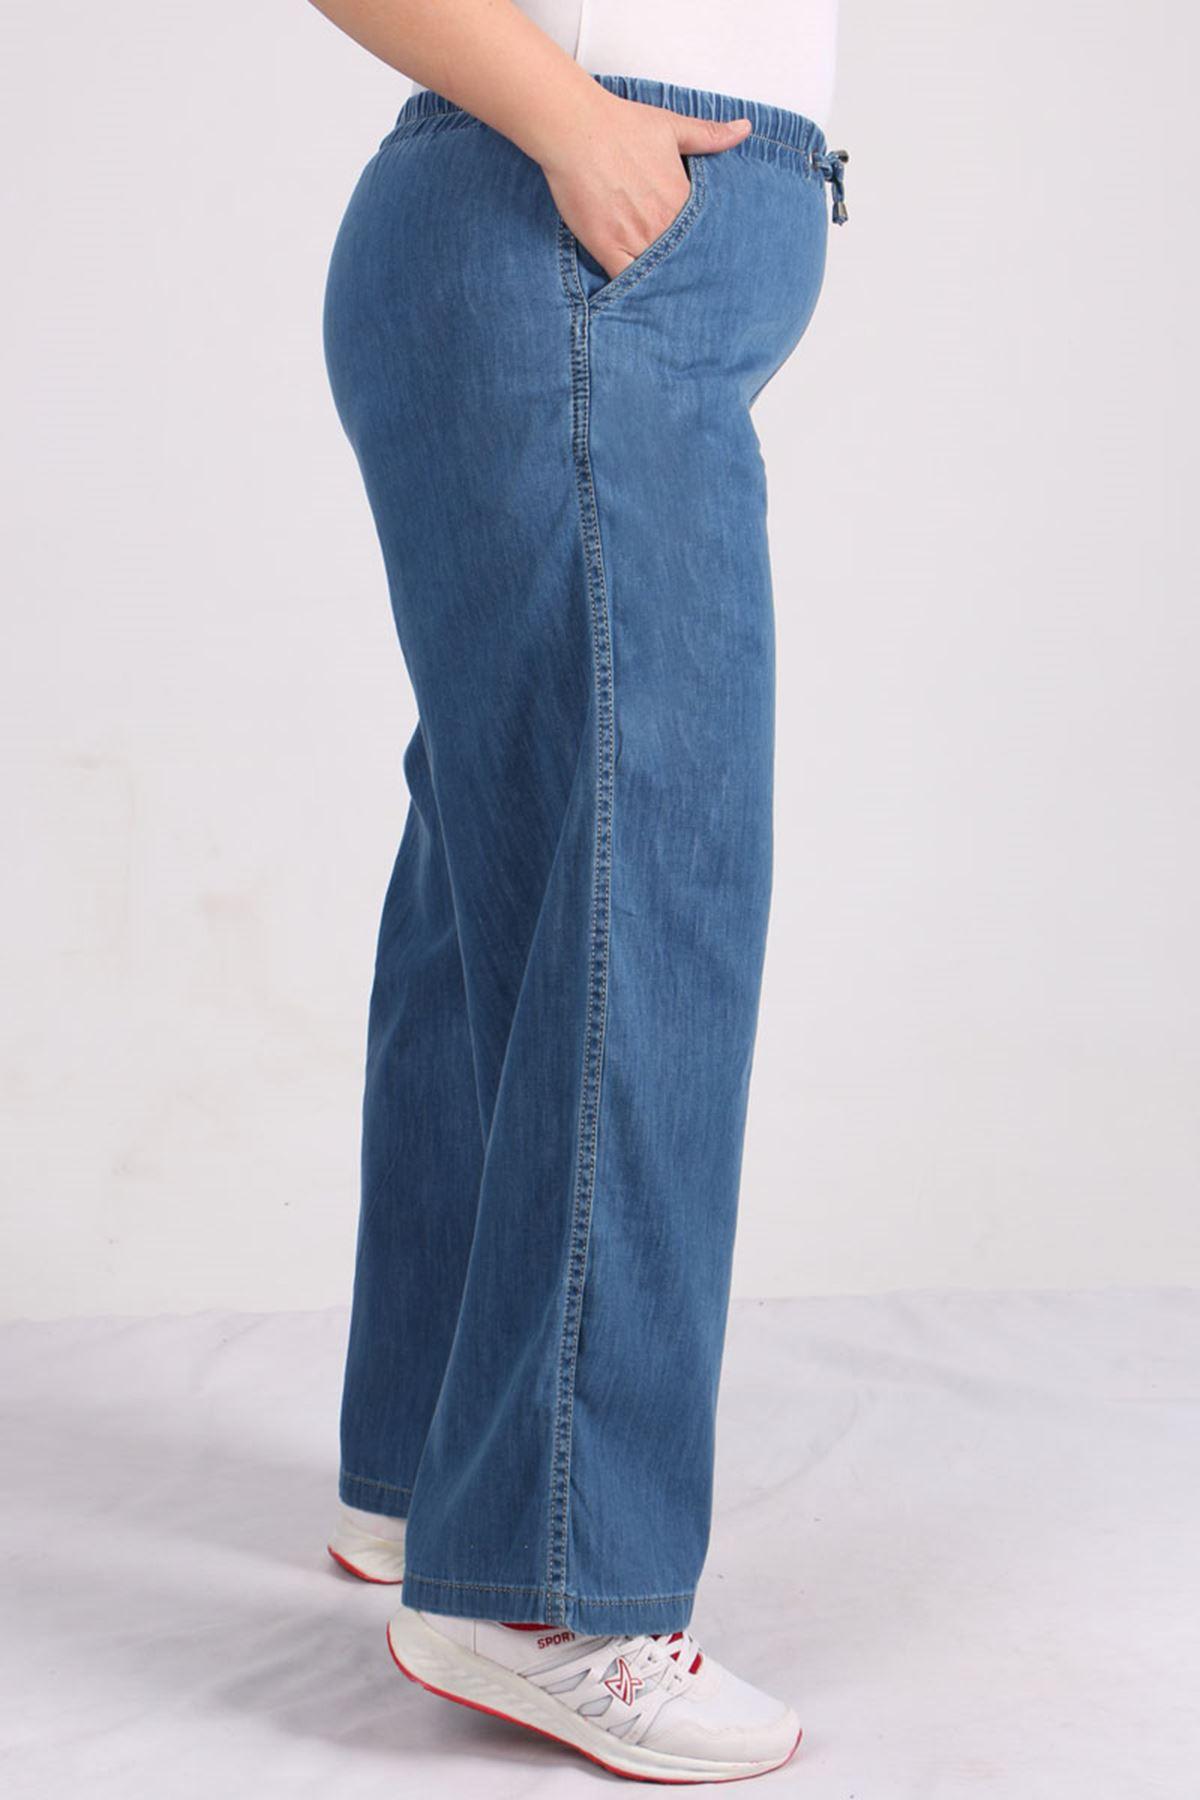 9124 Plus Size Elastic Waist Wide Leg Jeans - Light Navy Blue